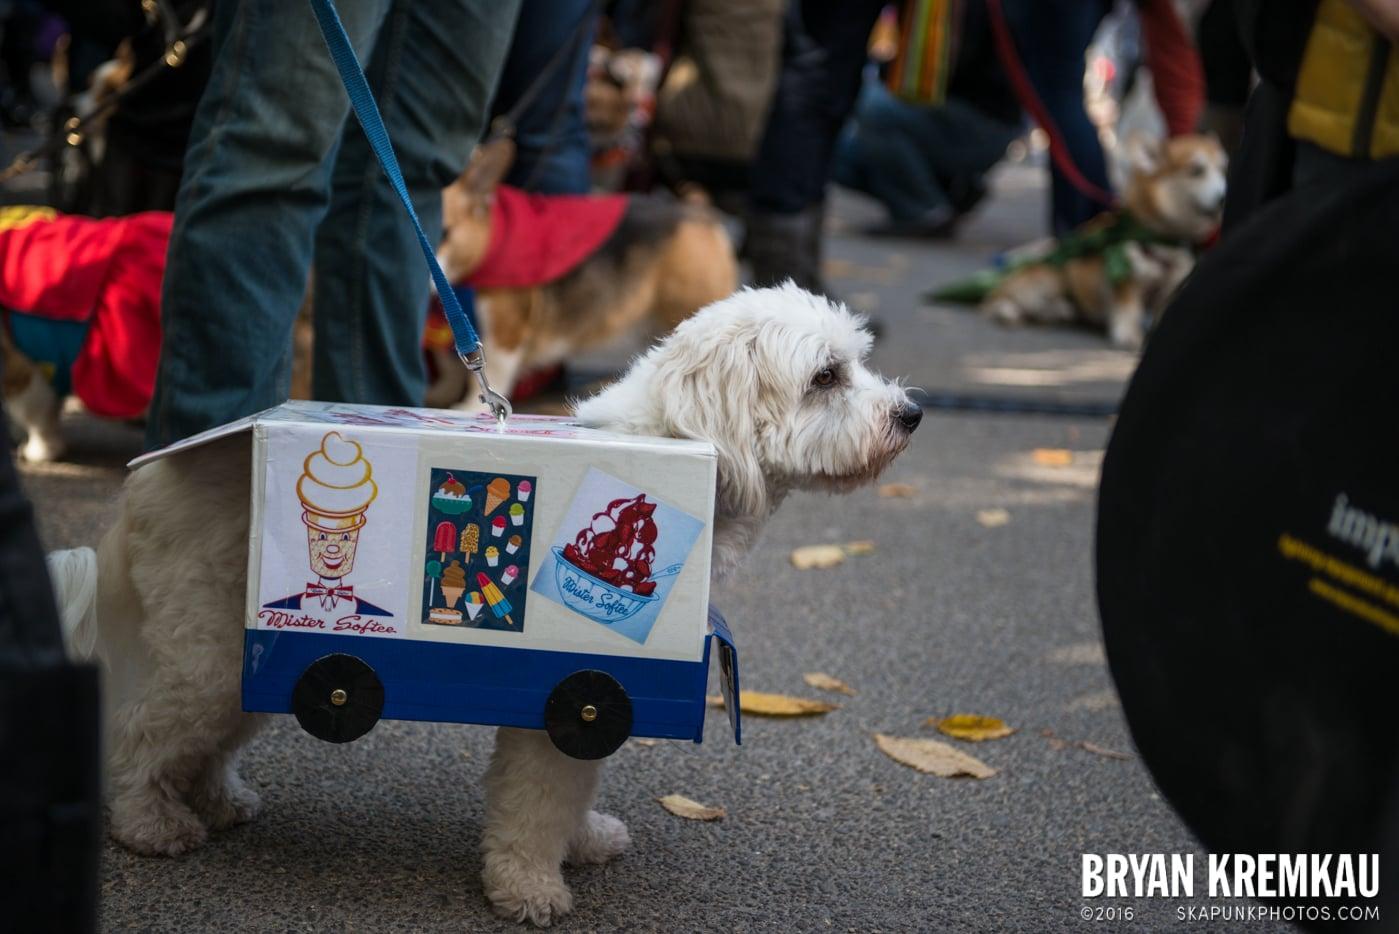 Tompkins Square Halloween Dog Parade 2013 @ Tompkins Square Park, NYC - 10.26.13 (24)